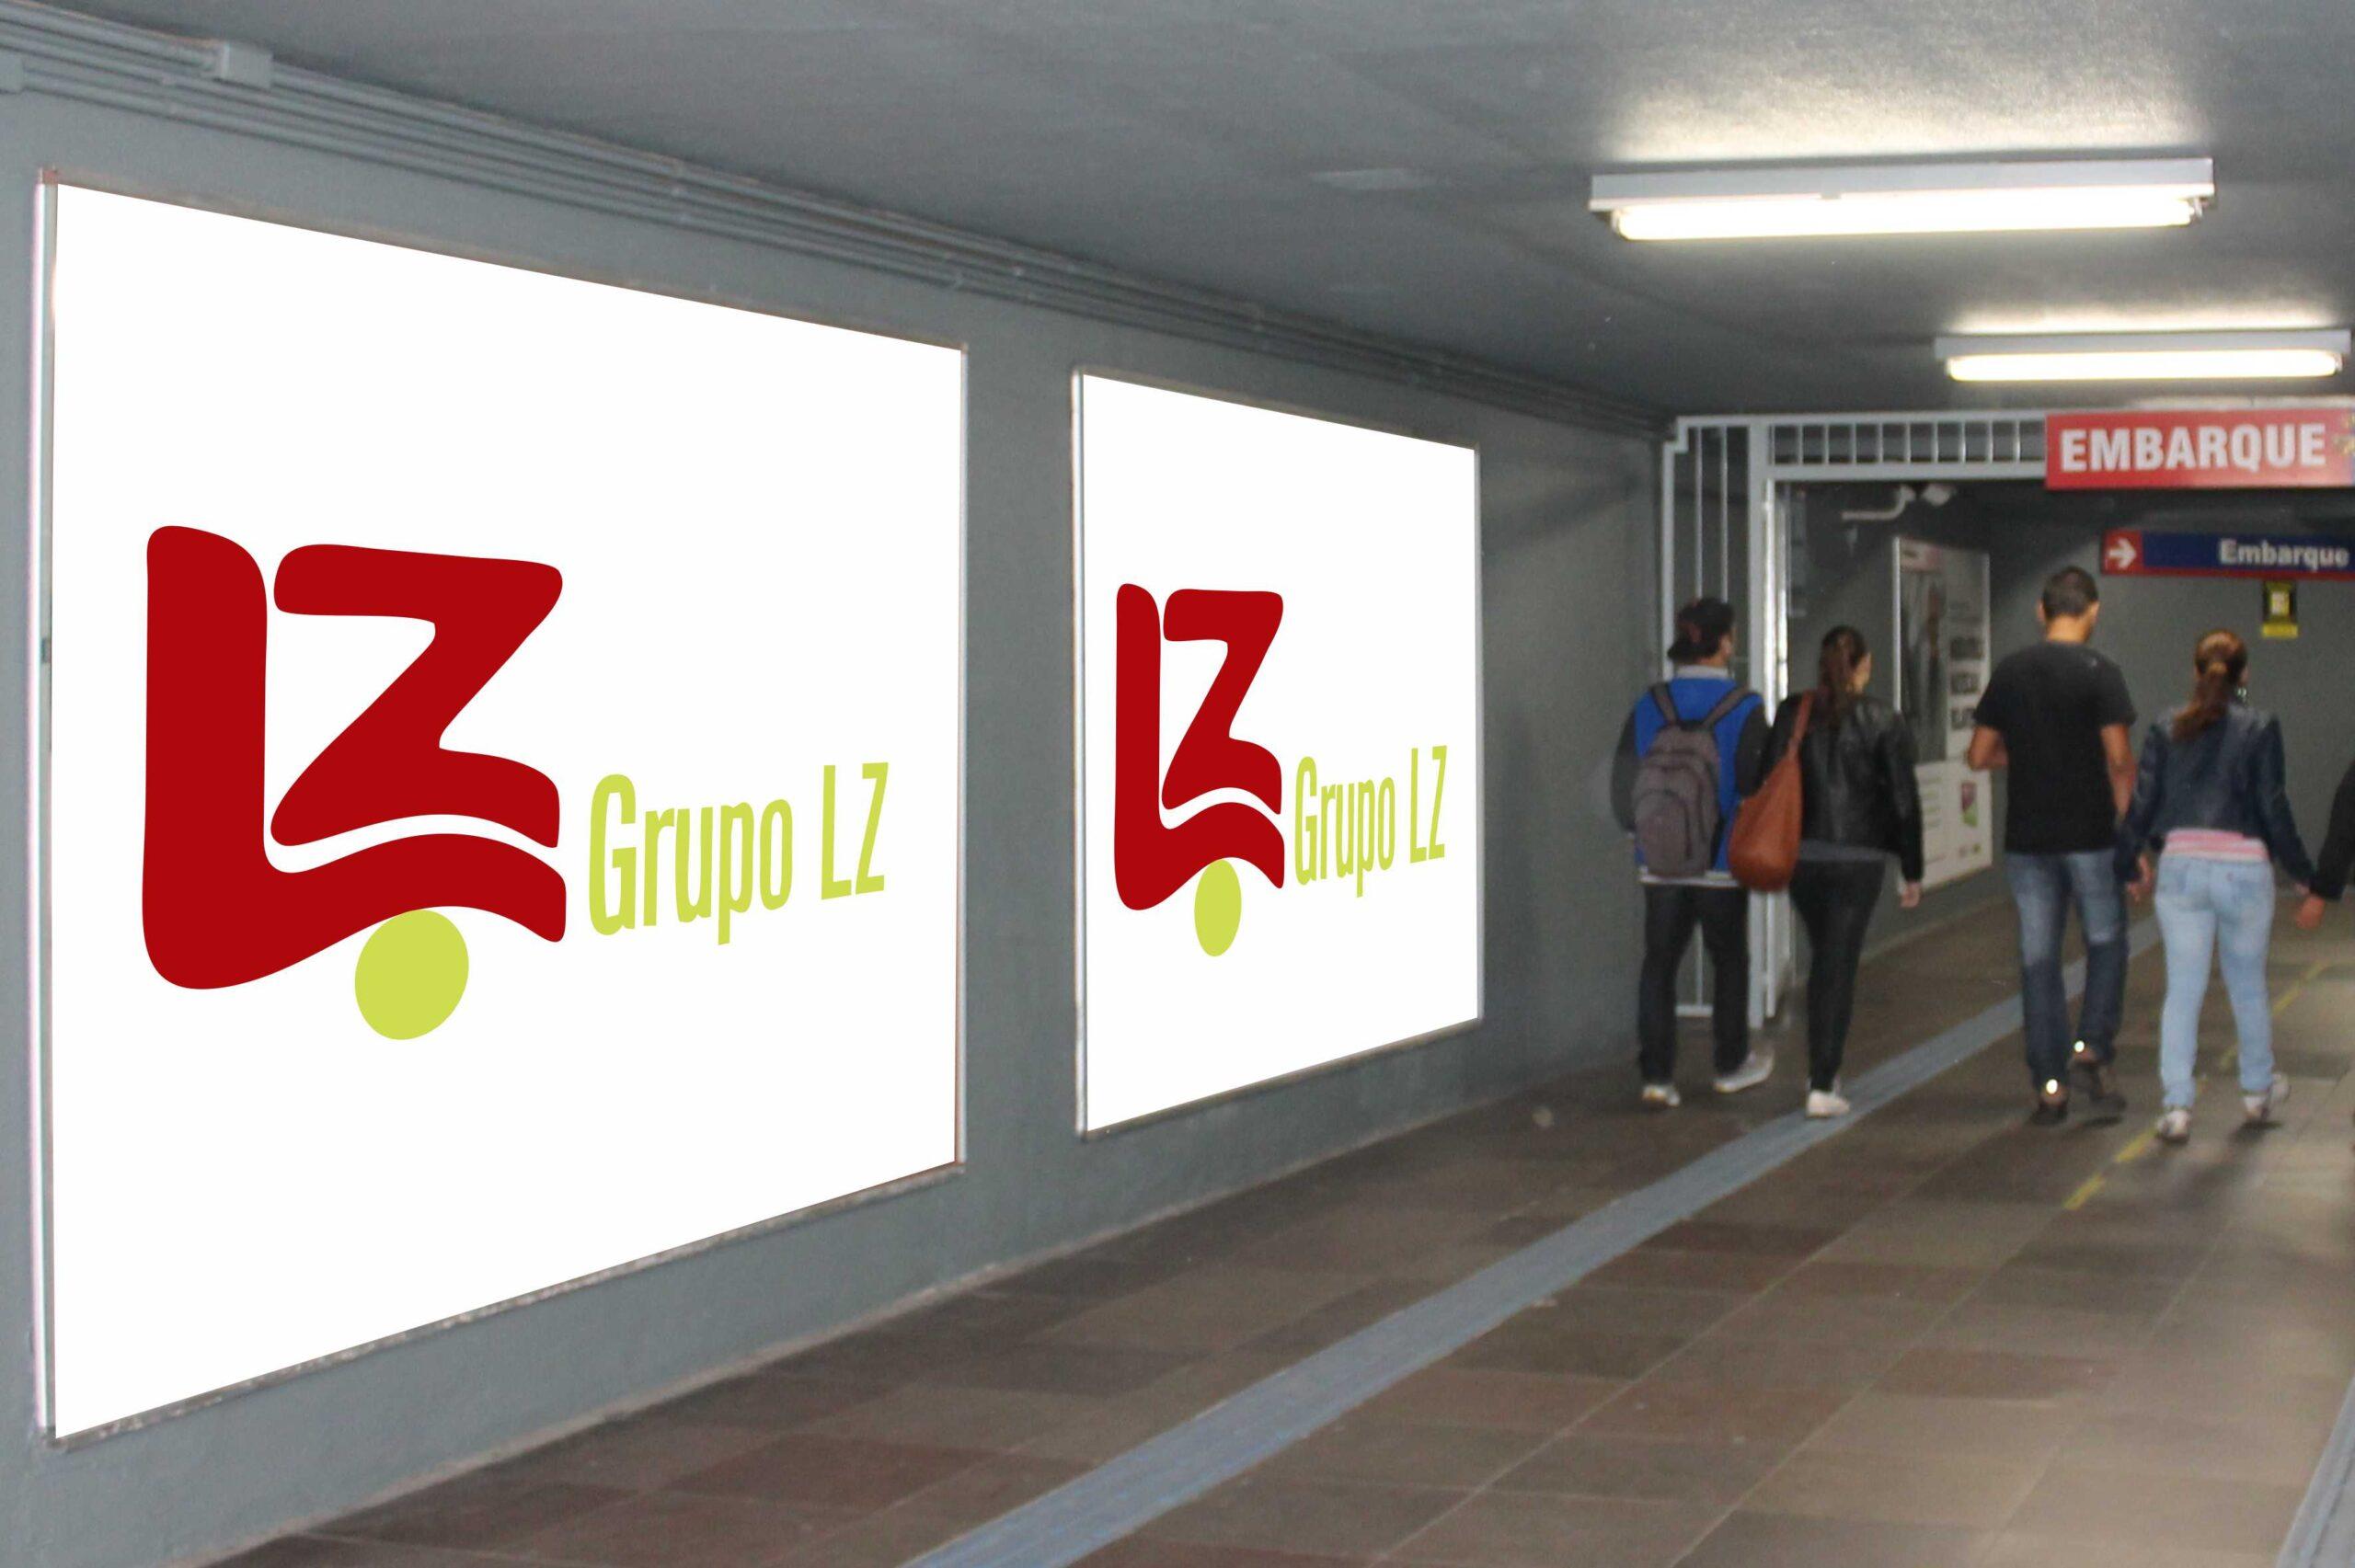 Metrô - Grupo LZ